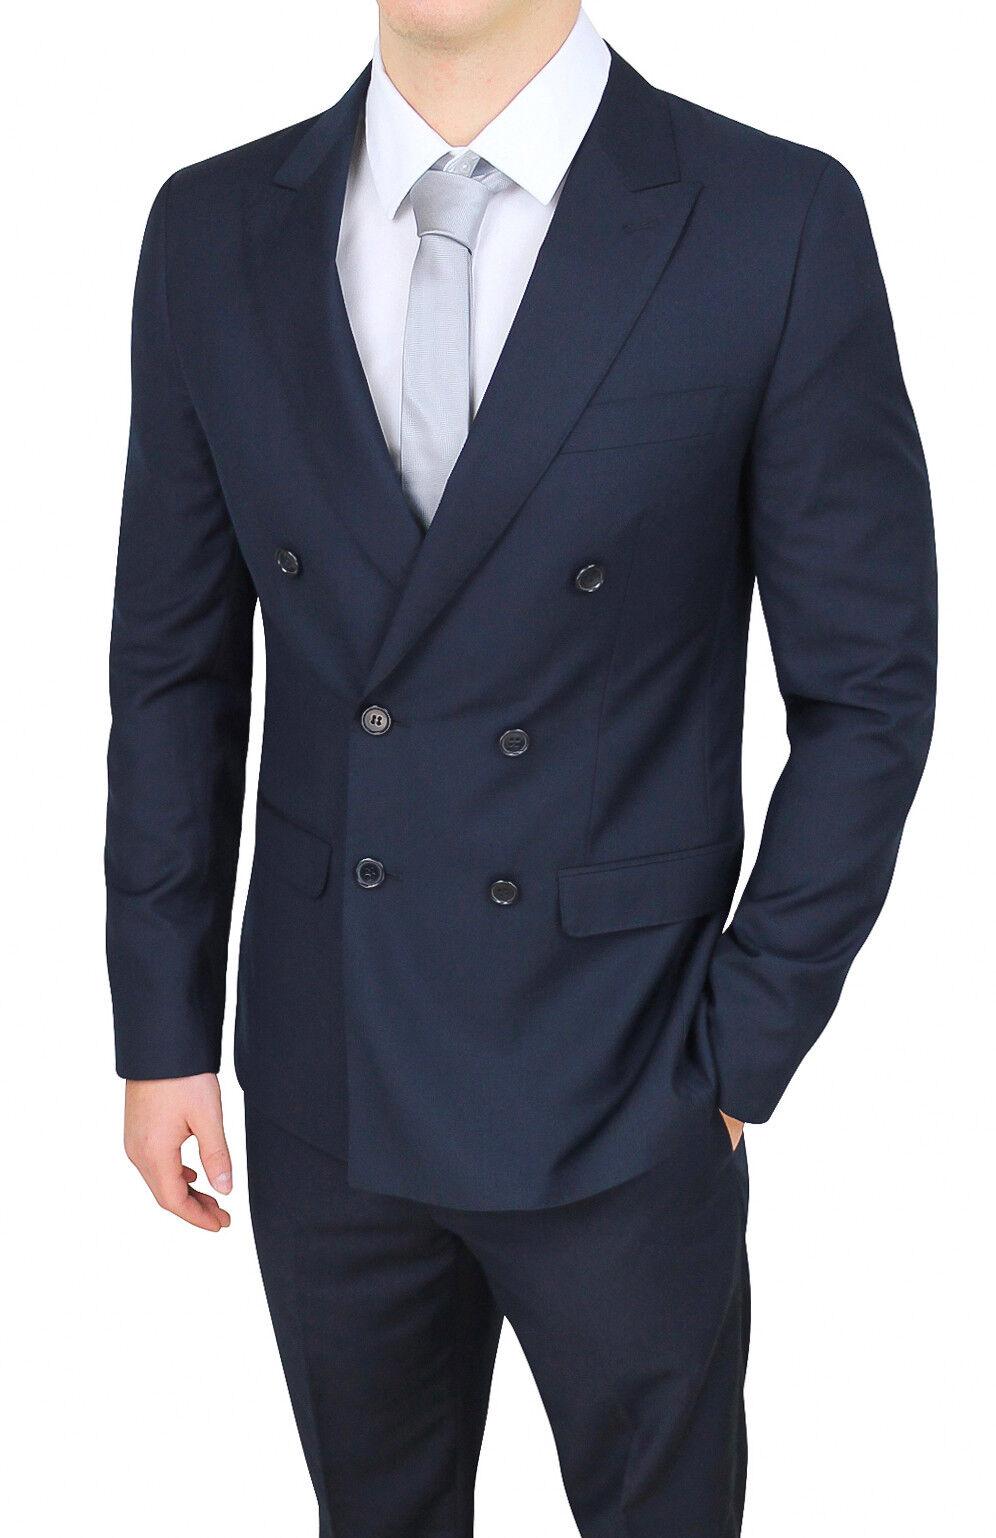 Kleidung mann sartoriale zweireihig dunkelblau élégant formal smoking zeremonie   | Abgabepreis  | Sorgfältig ausgewählte Materialien  | Ausgezeichnet